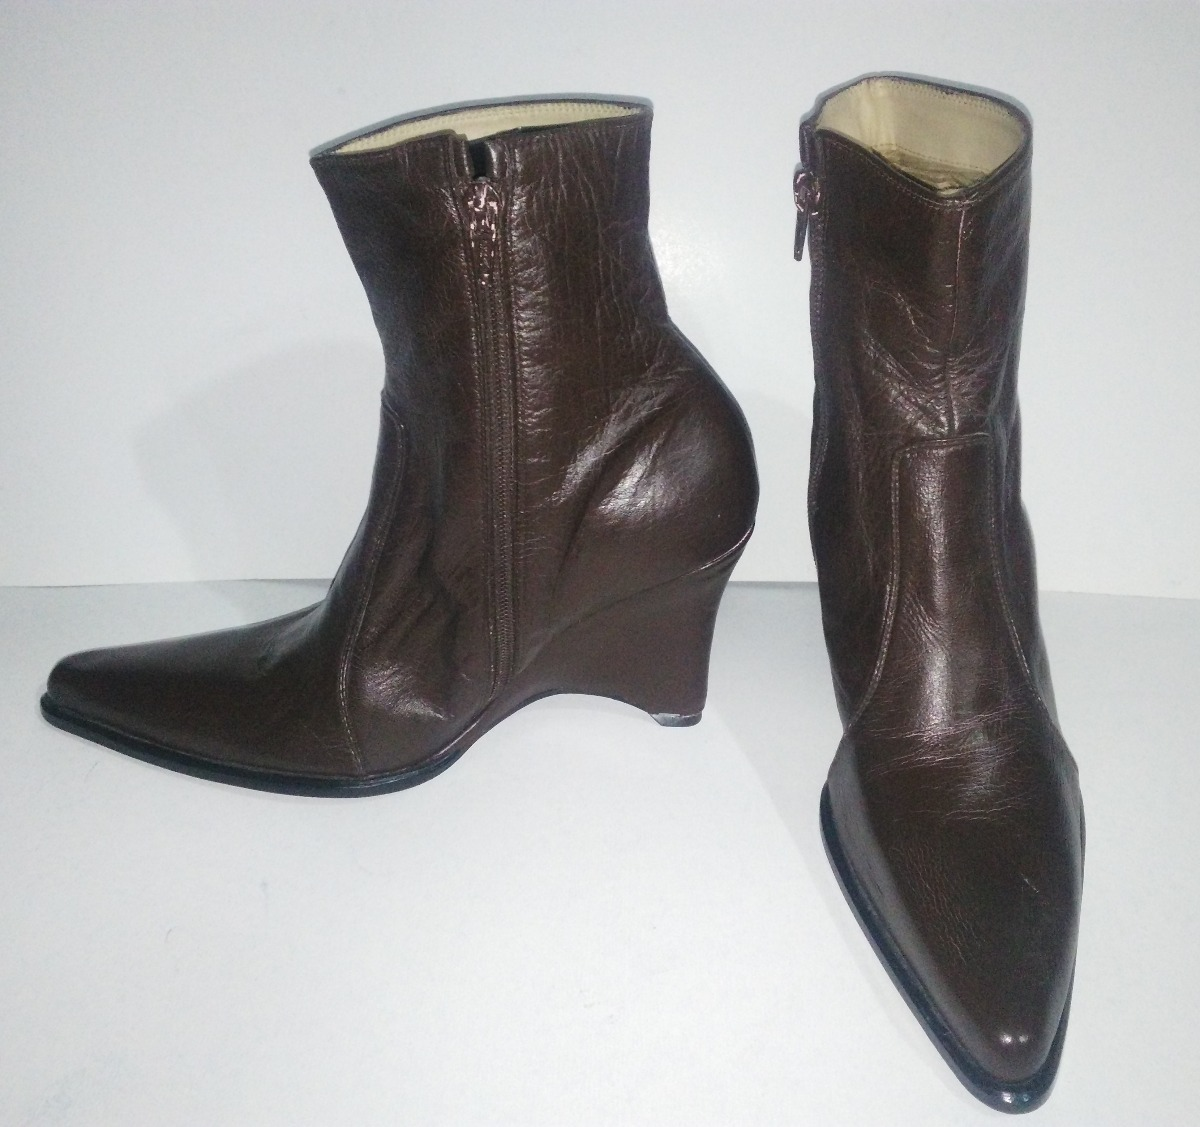 615b36926ca23 botas zapatos de cuero colombiano para damas talla 39. Cargando zoom.